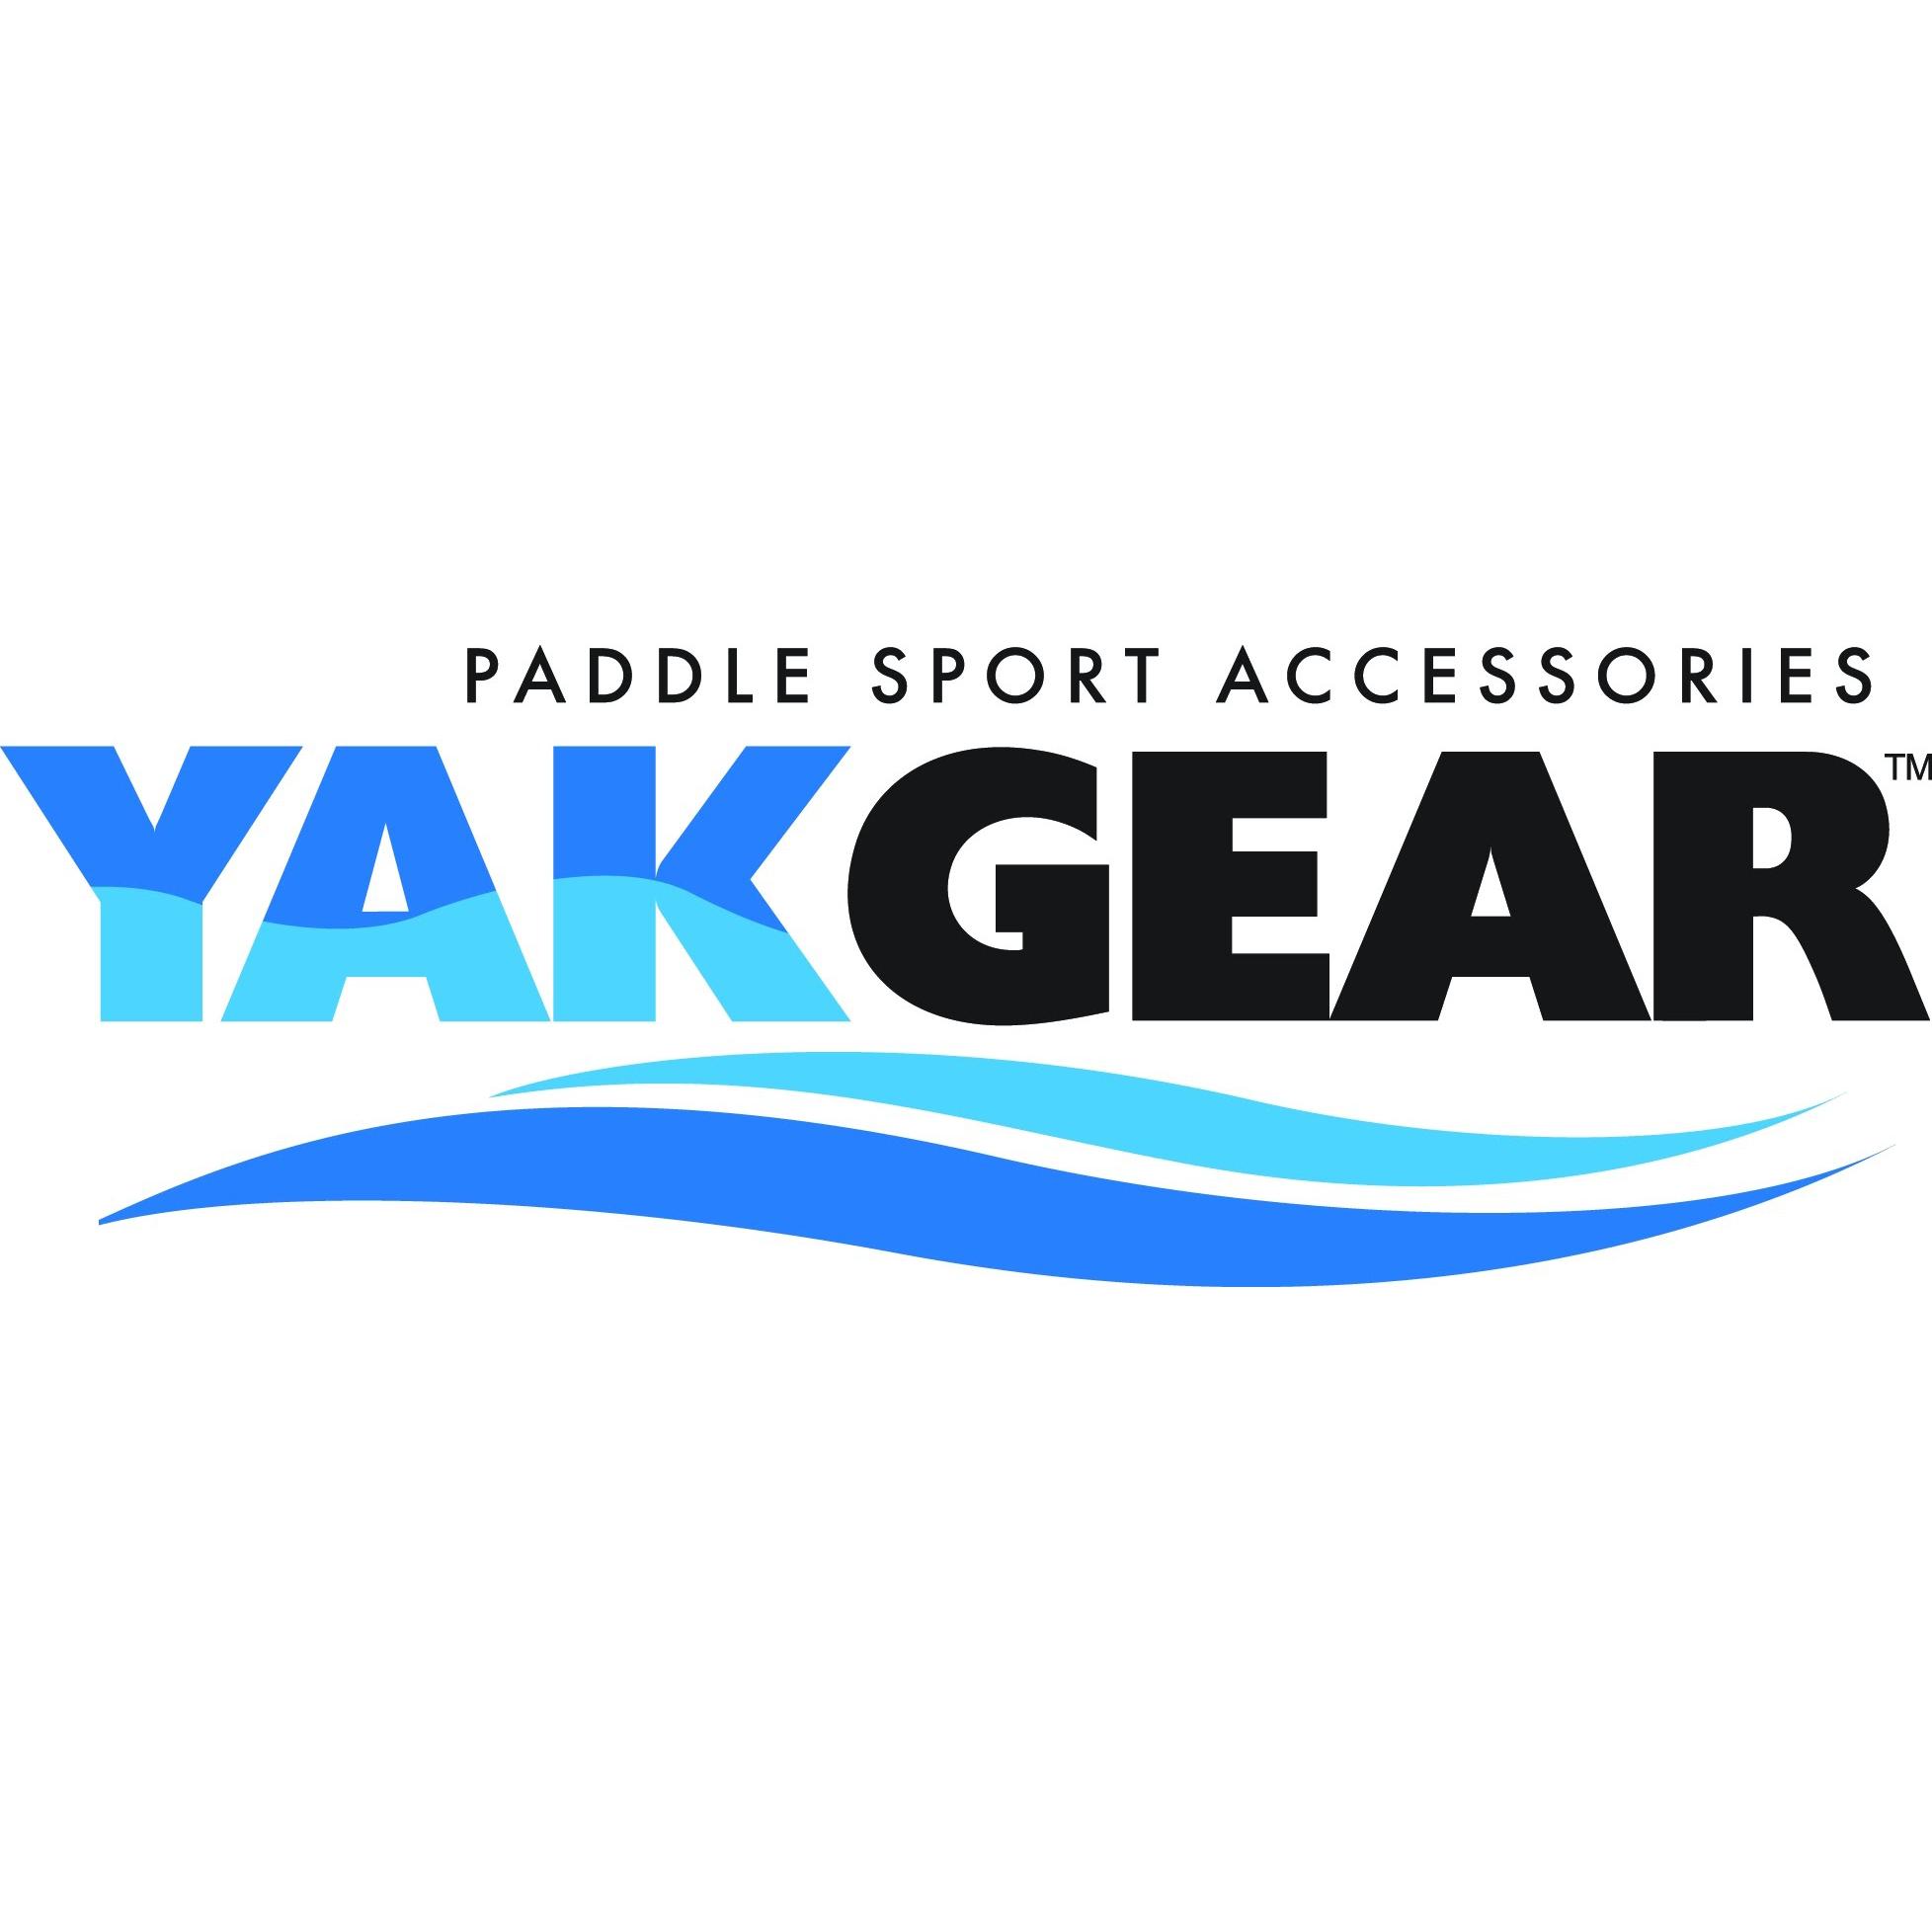 YakGear Large.jpg